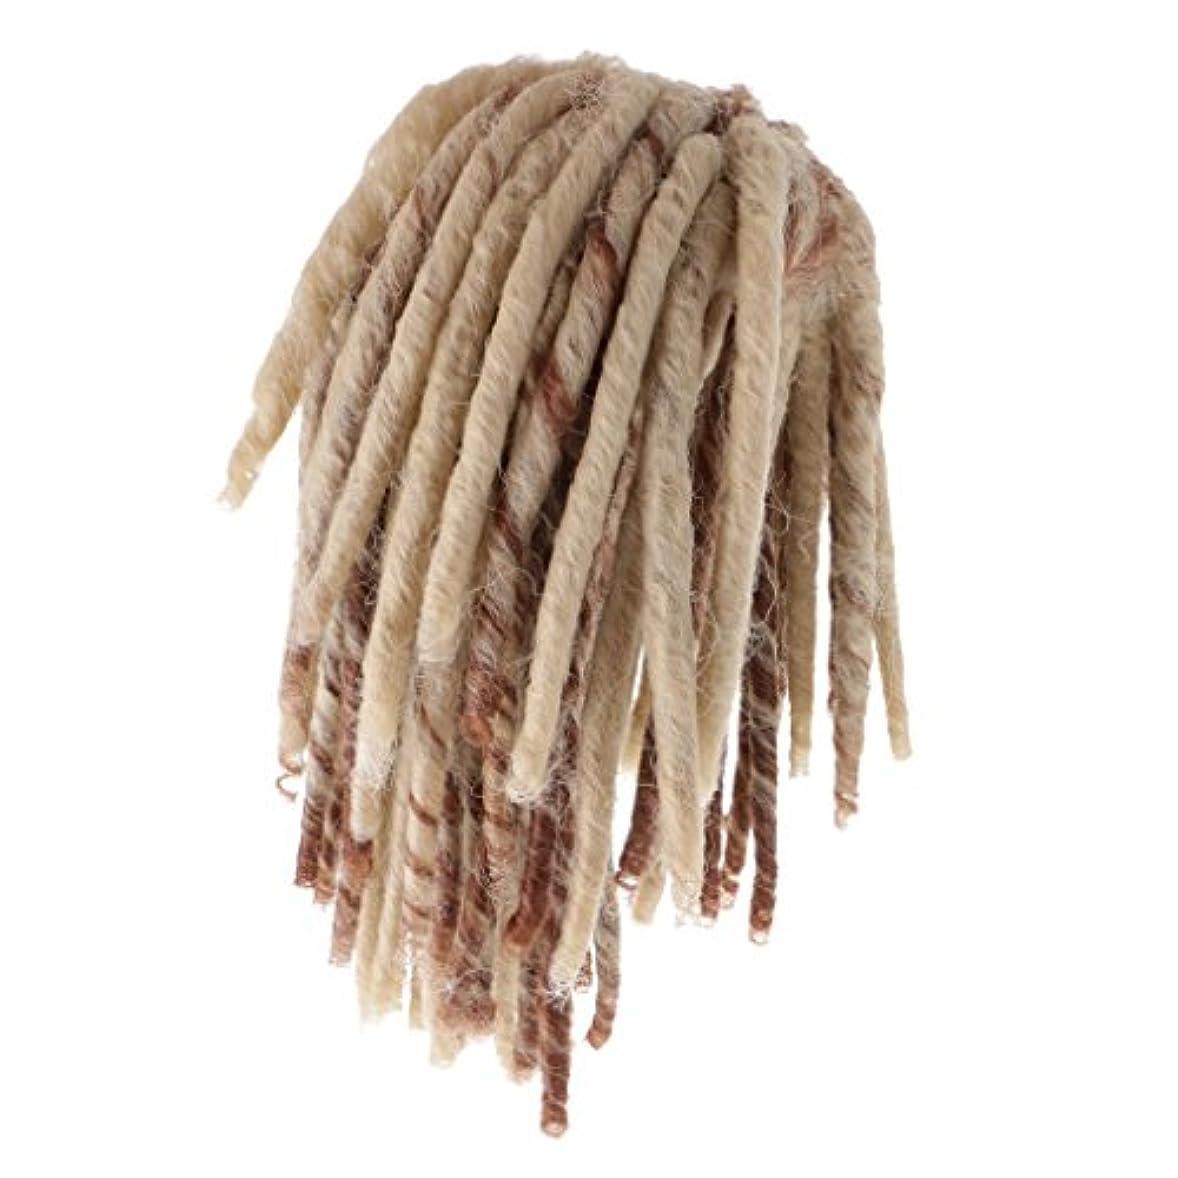 繁殖達成する公平Dovewill 人形用ウィッグ  ドレッドかつら  カーリー かつら  髪 ヘア 18インチドール用  DIY修理用品  全2色  - ブラウン